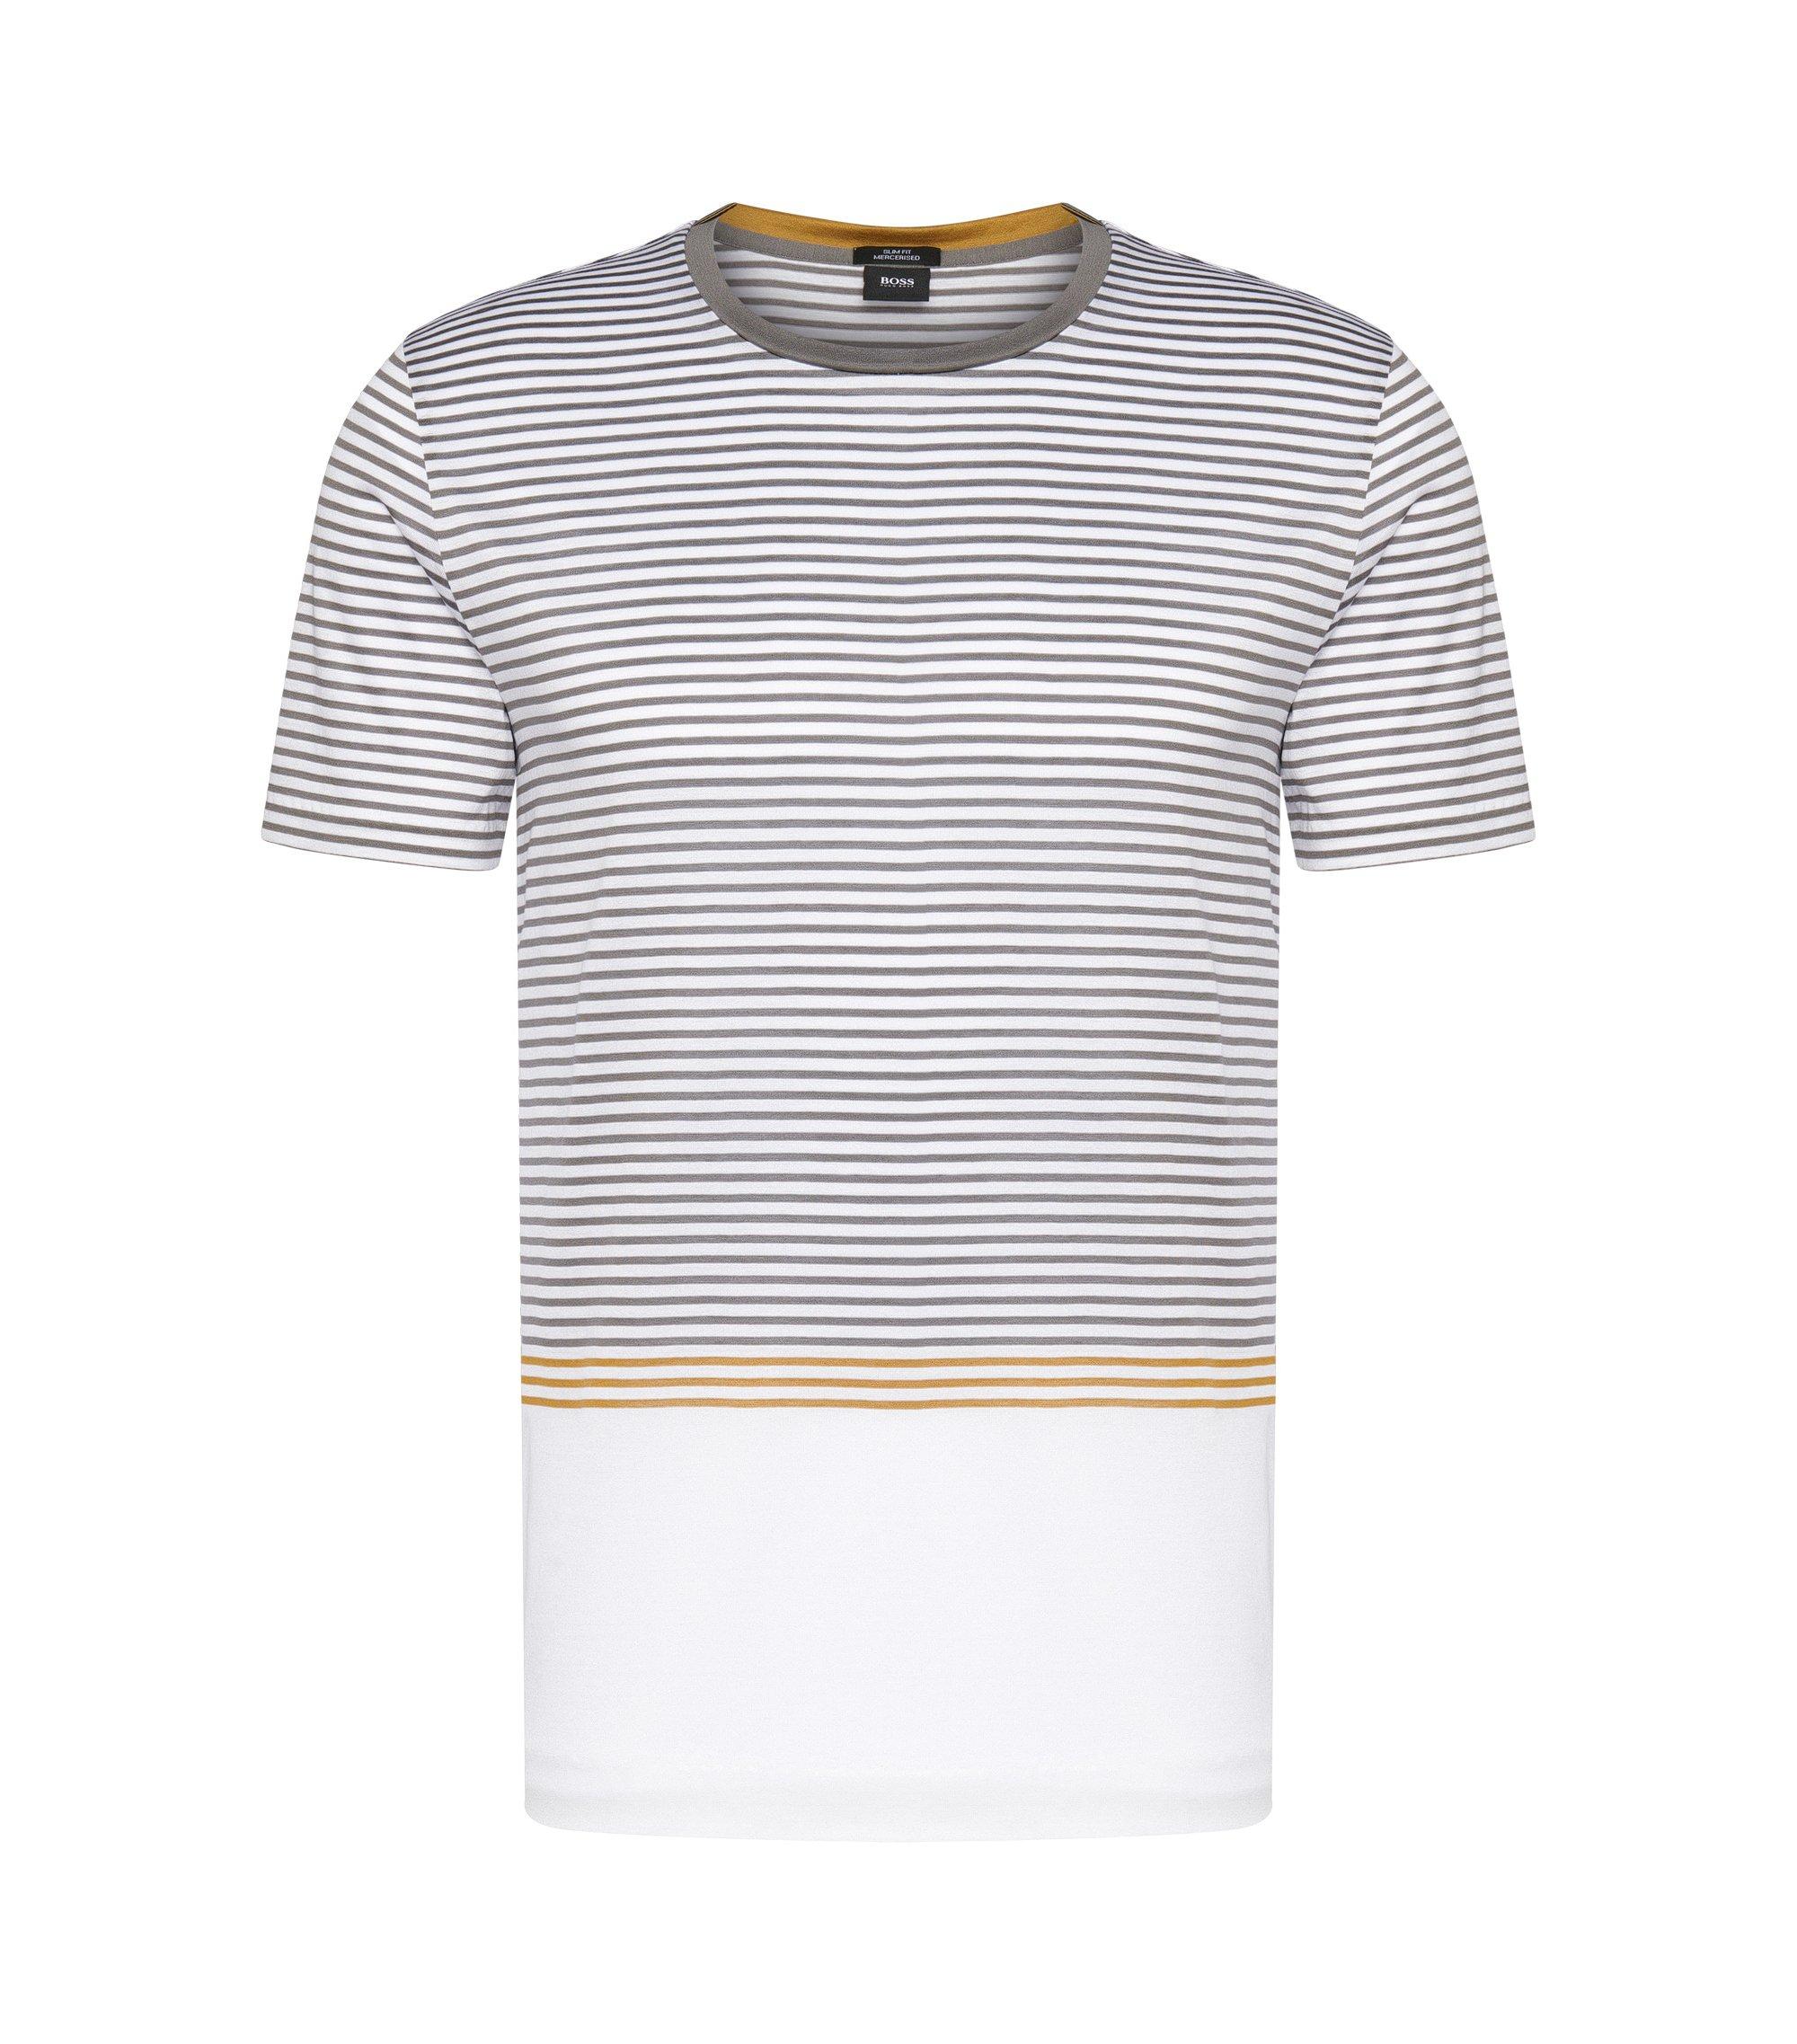 Mercerized Cotton Striped T-Shirt | Tessler, White